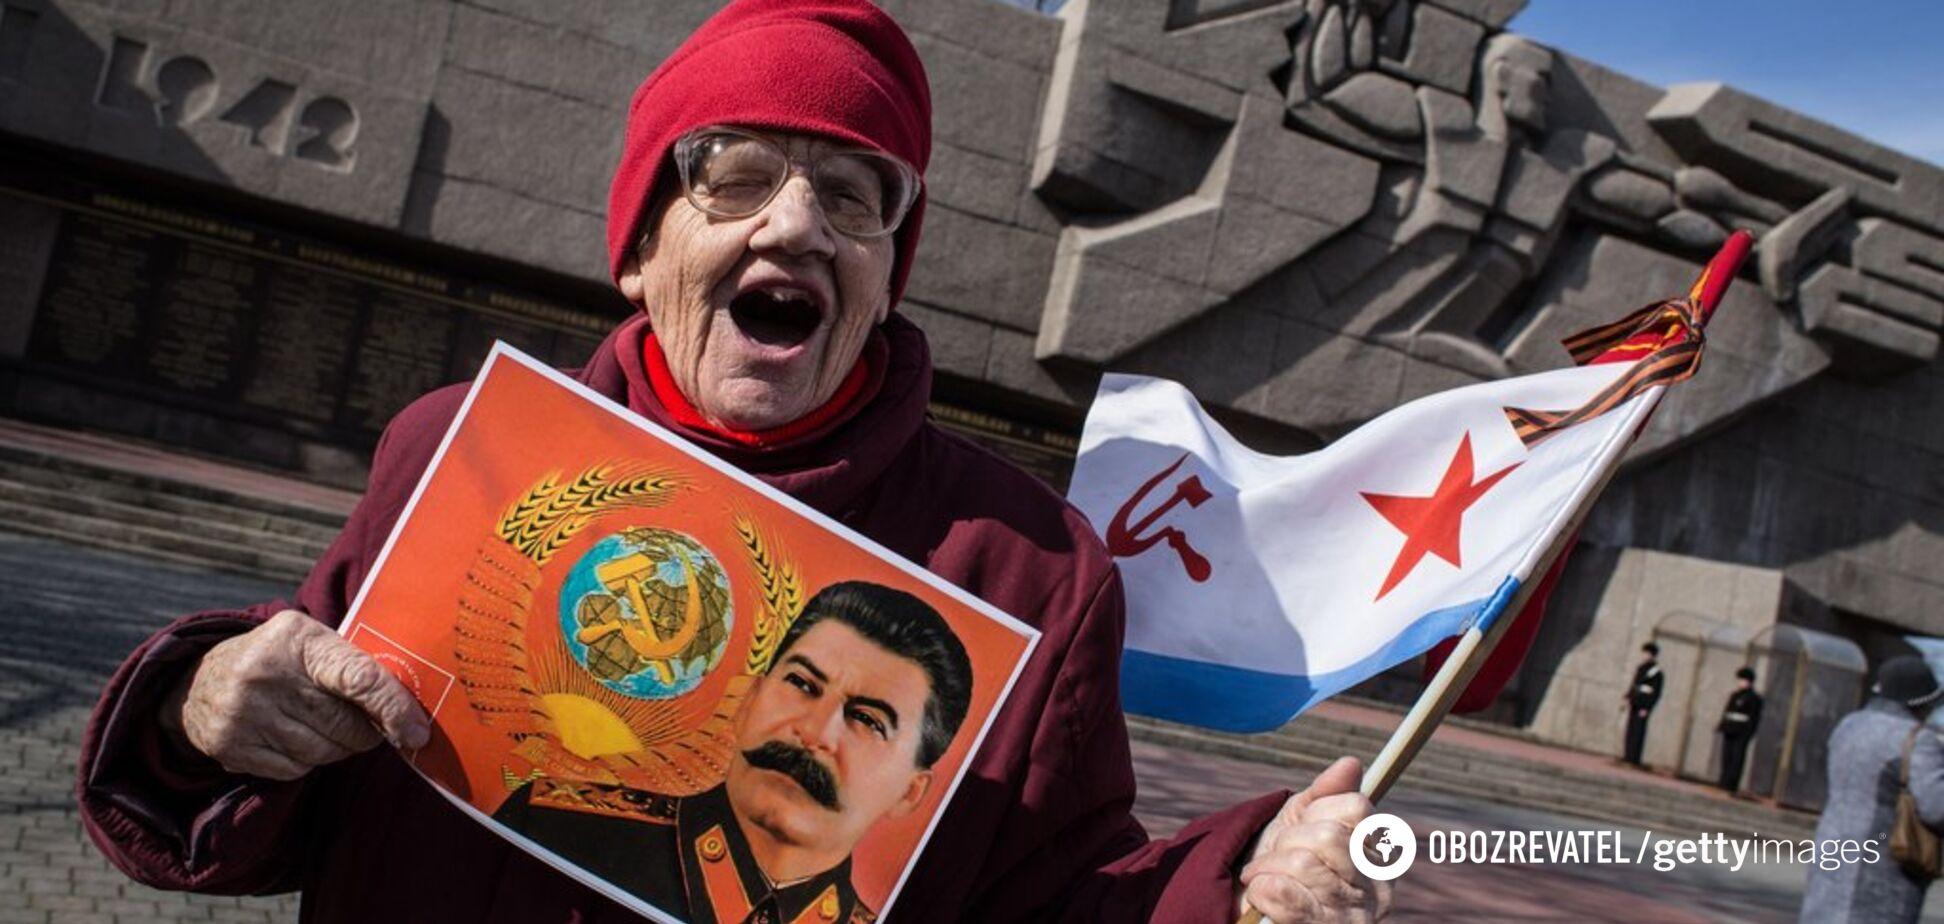 'Вернемся на белом БТР!' Майор ВСУ рассказал о панике в Крыму